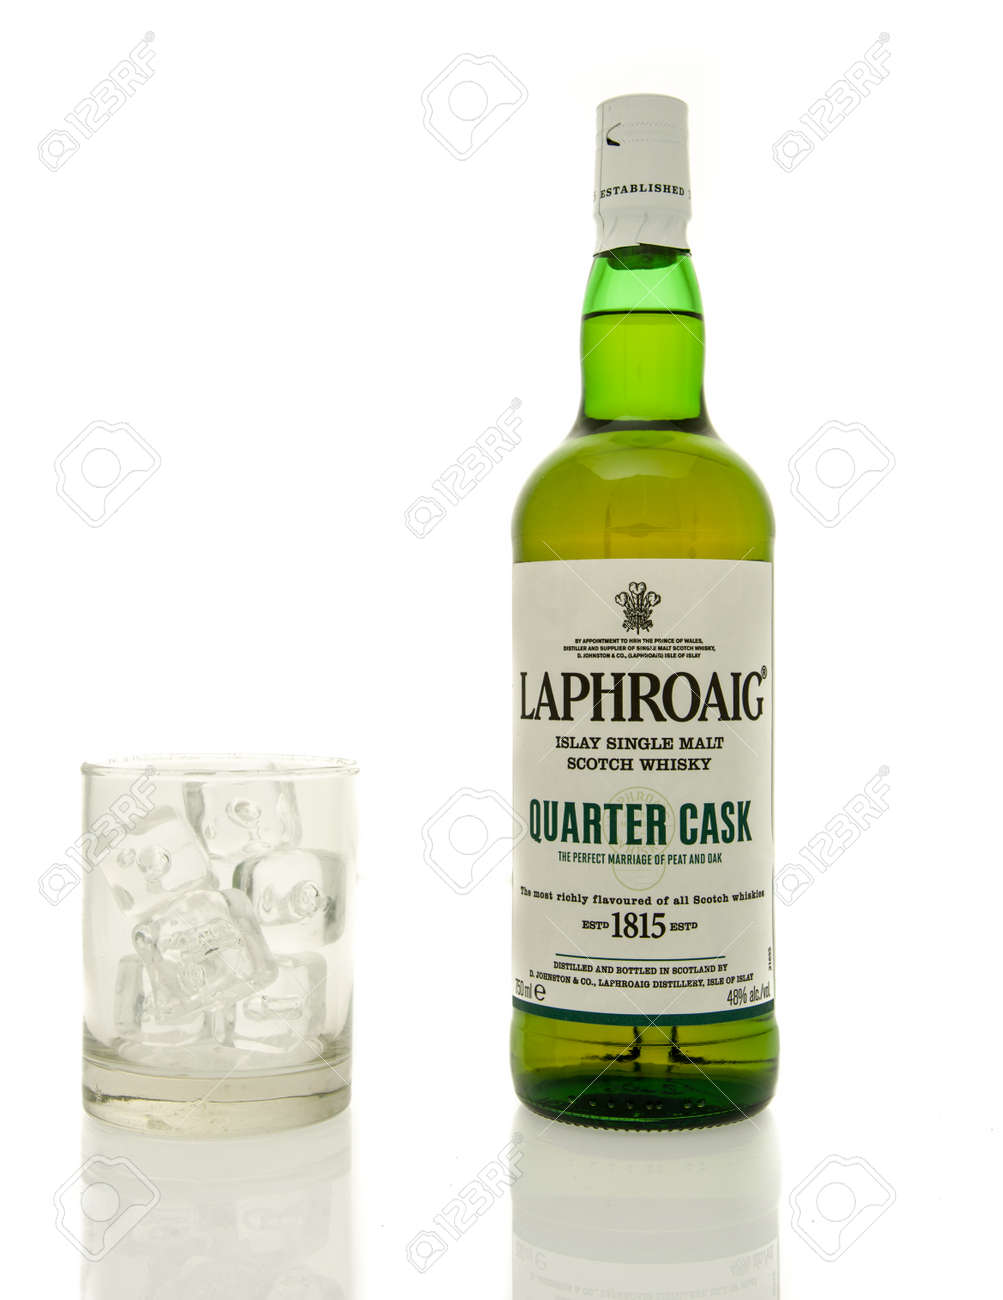 Winneconne Wi 19 März 2016 Eine Flasche Schottischer Whisky